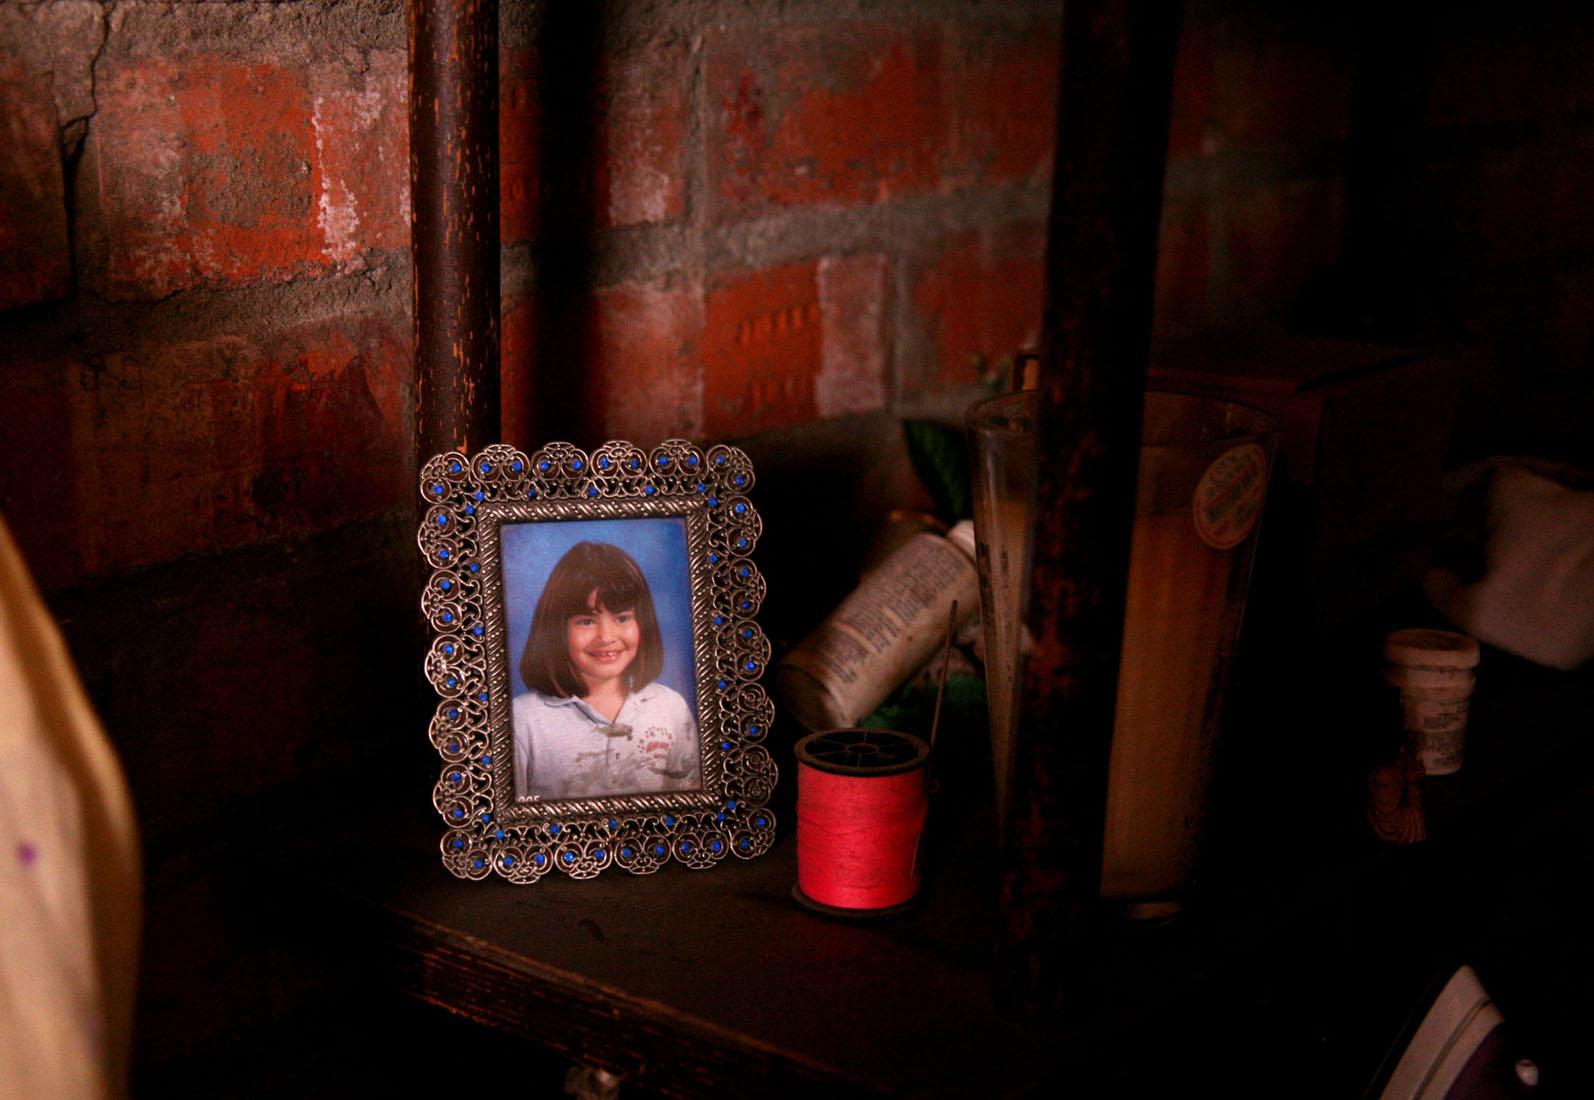 Anita desapareceu com 9 anos em 18 de Março de 1999. Mayra Martell